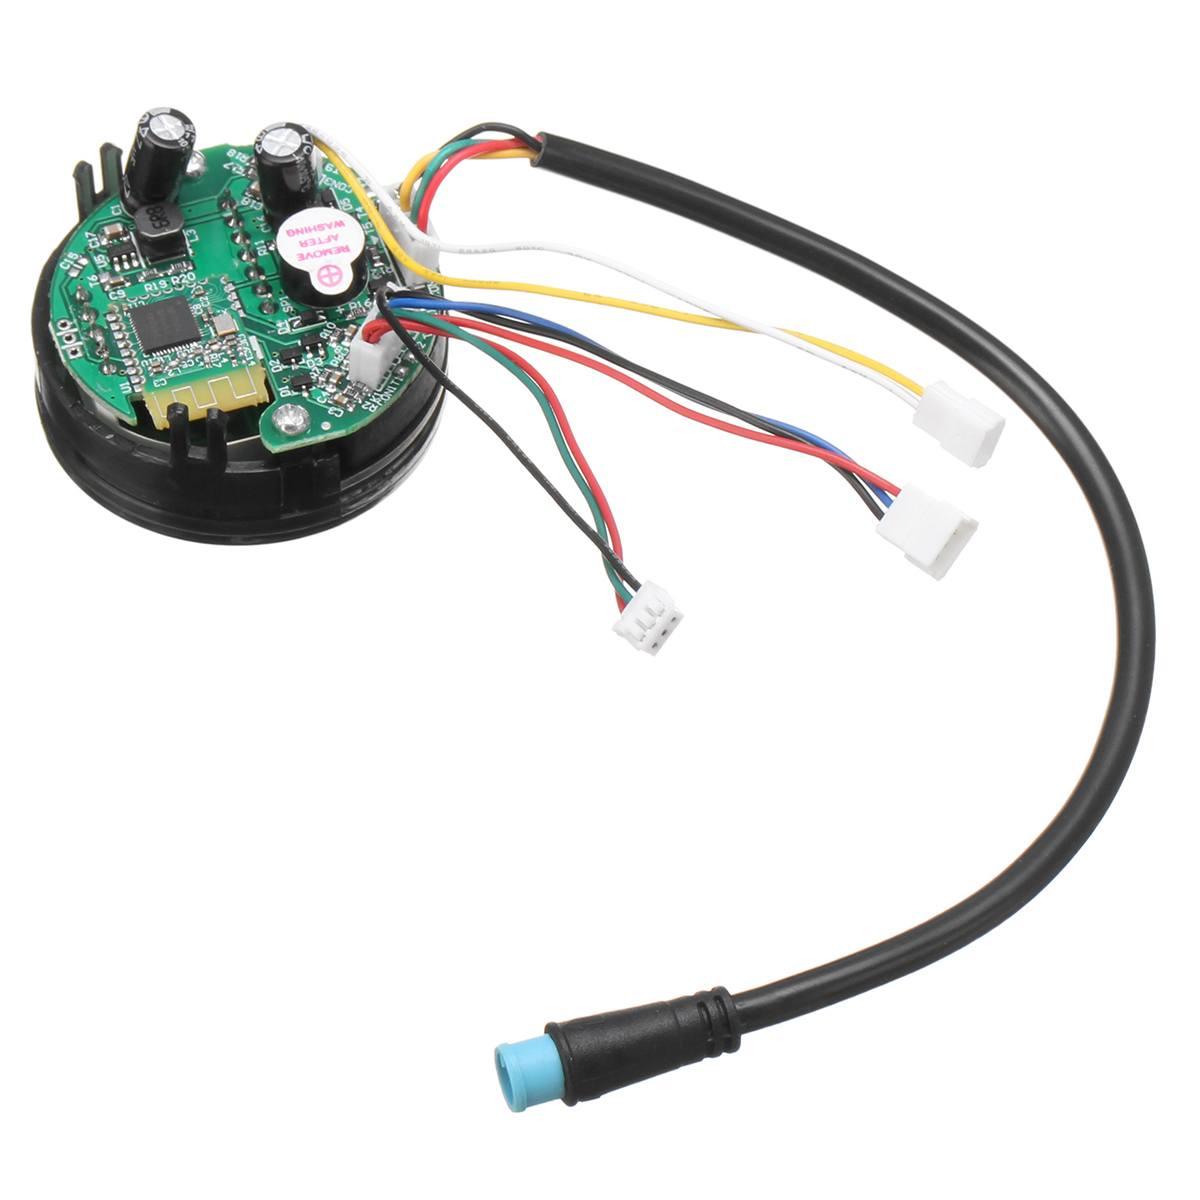 Pour Ninebot ES1 ES2 ES3 ES4 Scooter électrique pièces de rechange carte de contrôle bluetooth carte mère contrôleur - 2